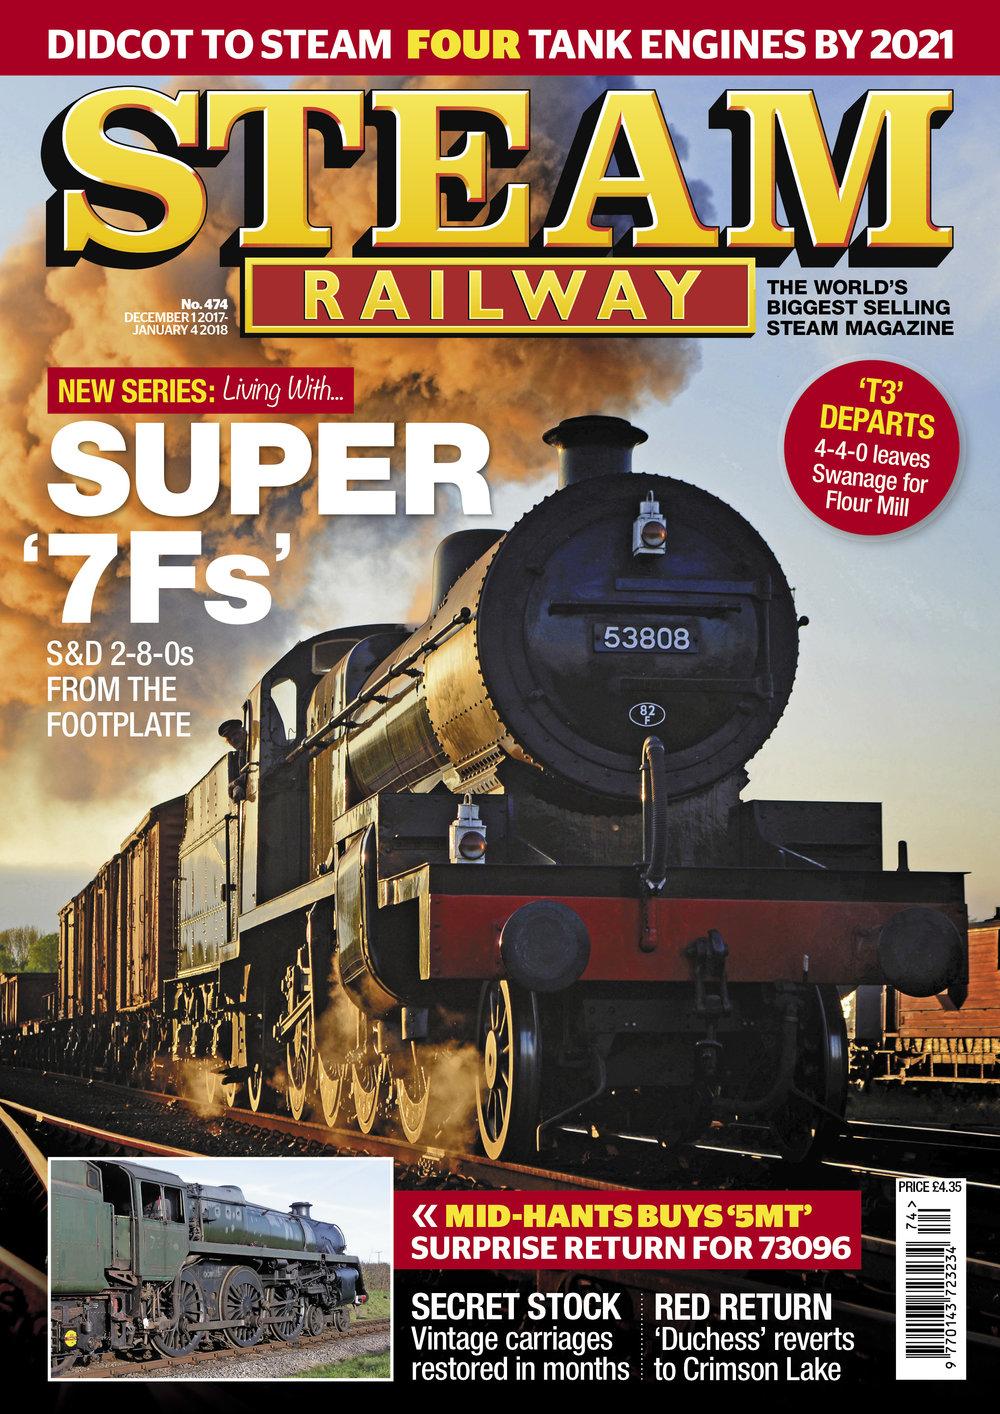 Steam Railway  SR474 - On Sale Now!